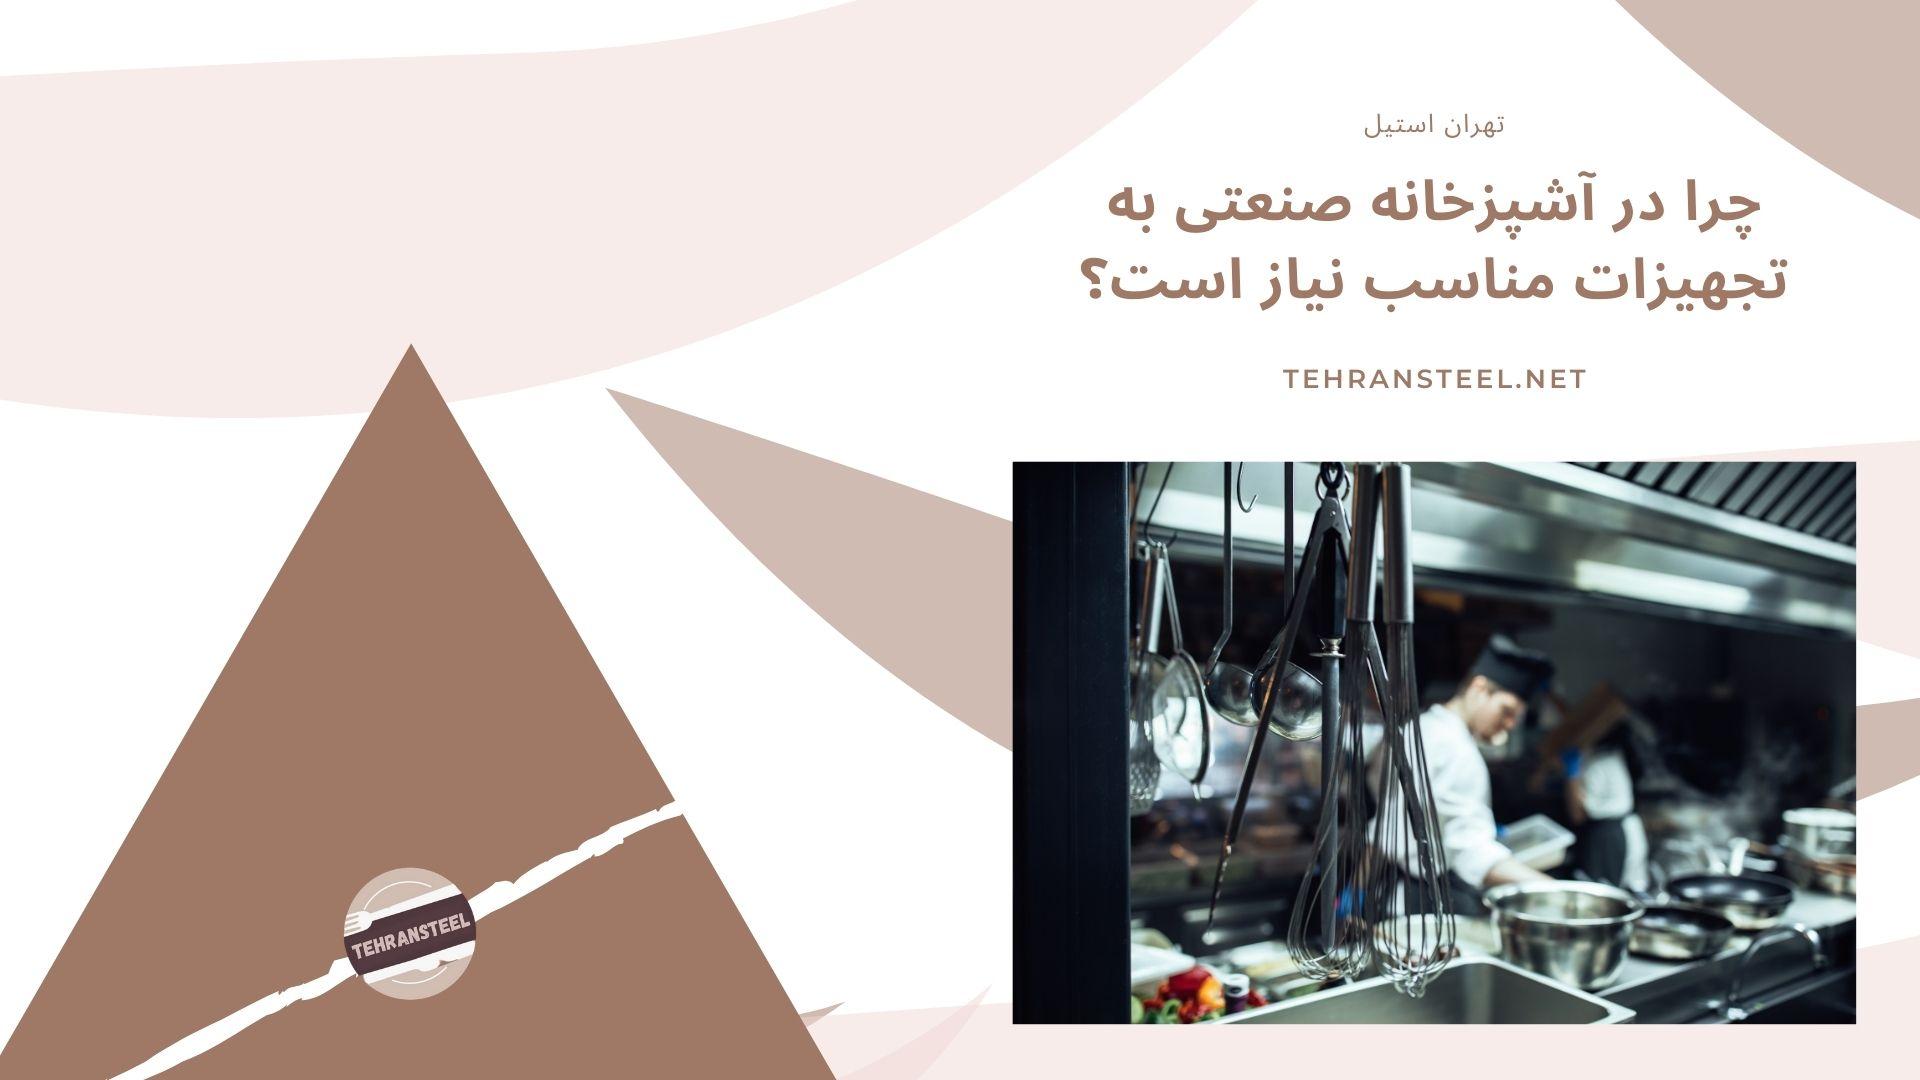 چرا در آشپزخانه صنعتی به تجهیزات مناسب نیاز است؟